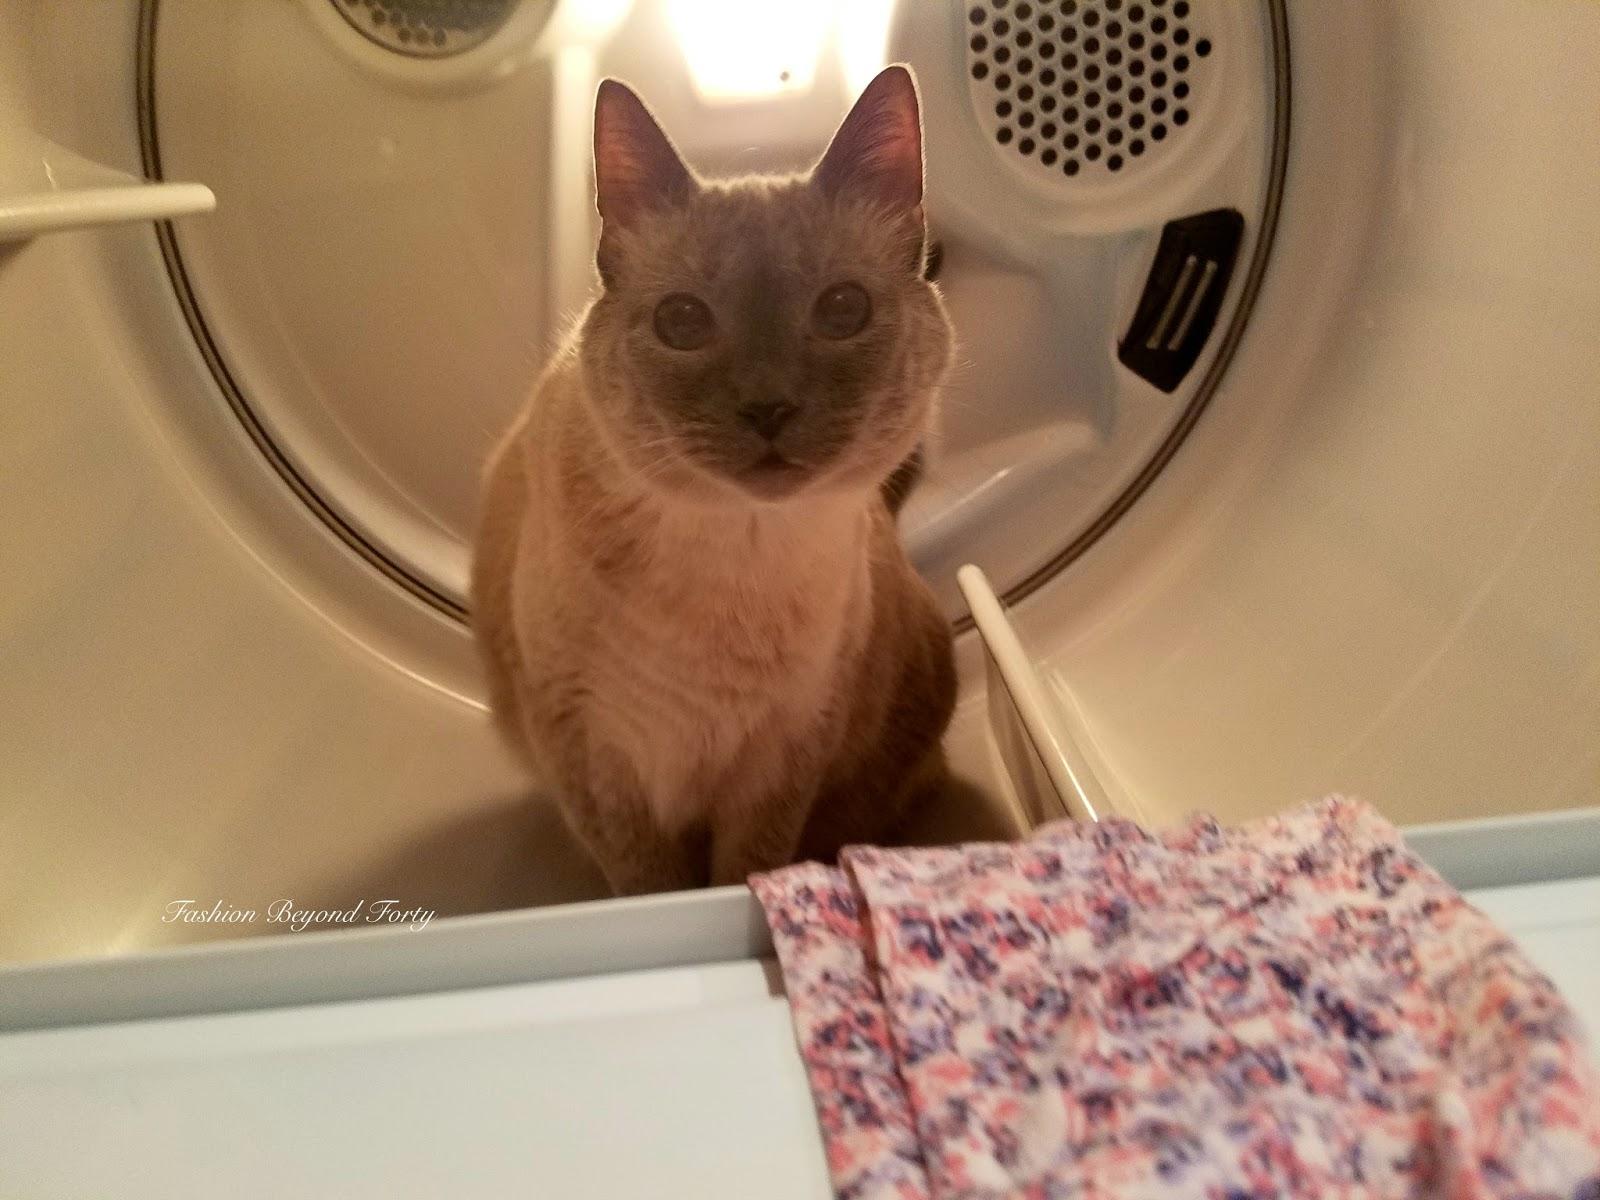 Tibet the Cat In Dryer